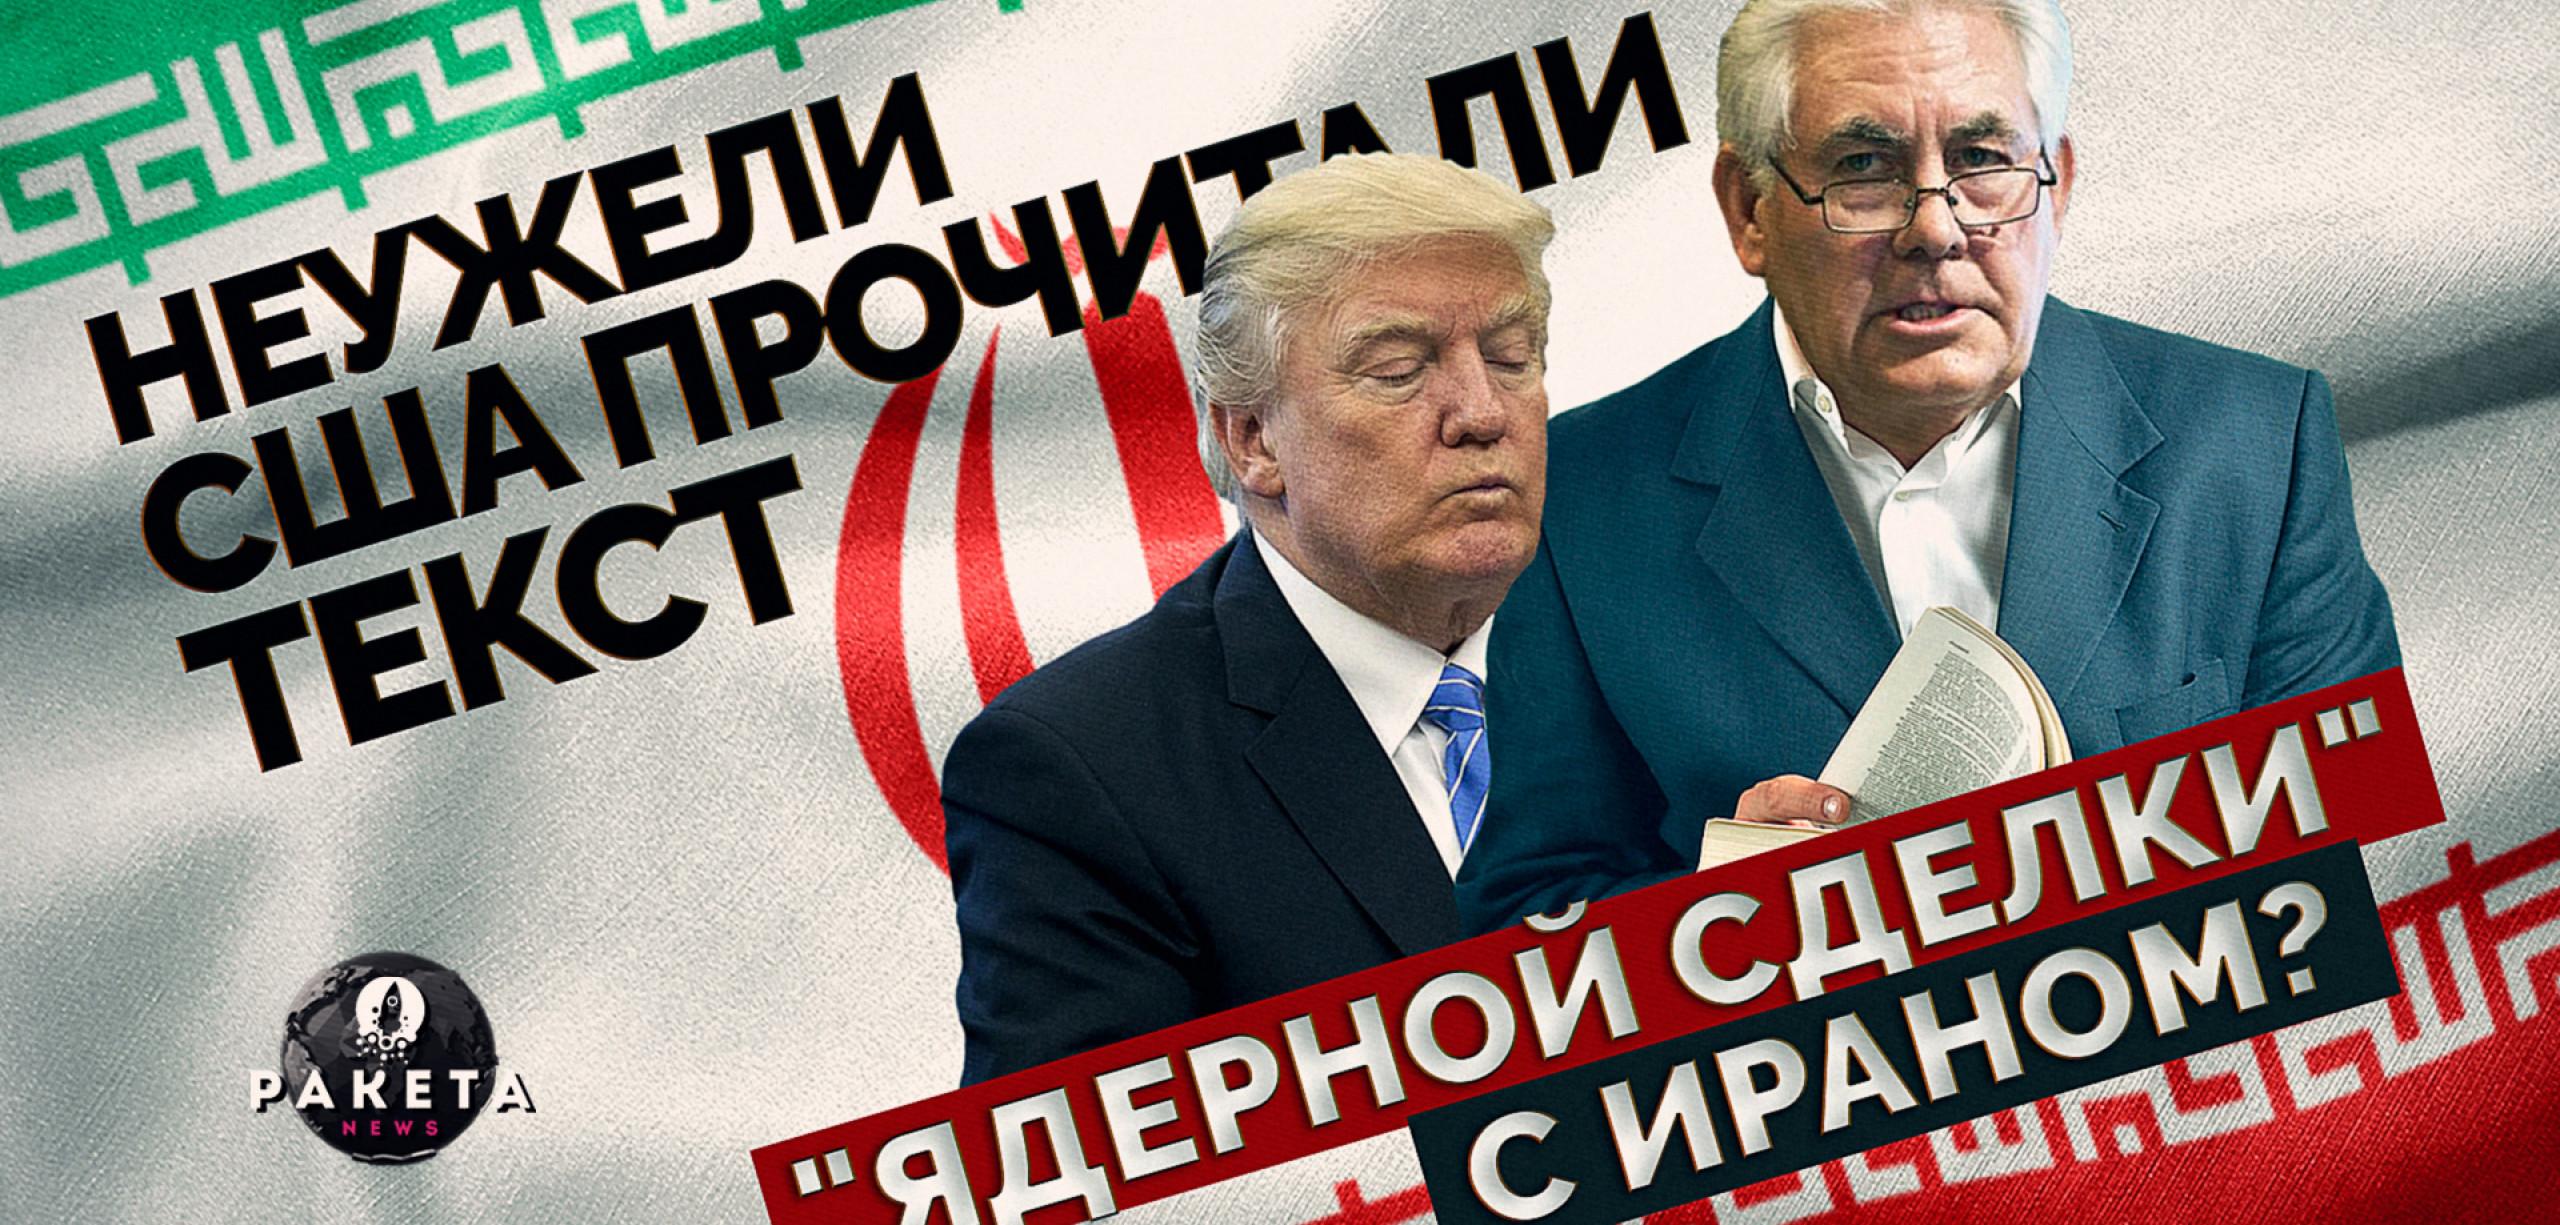 """Неужели США прочитали текст """"ядерной сделки"""" с Ираном?"""